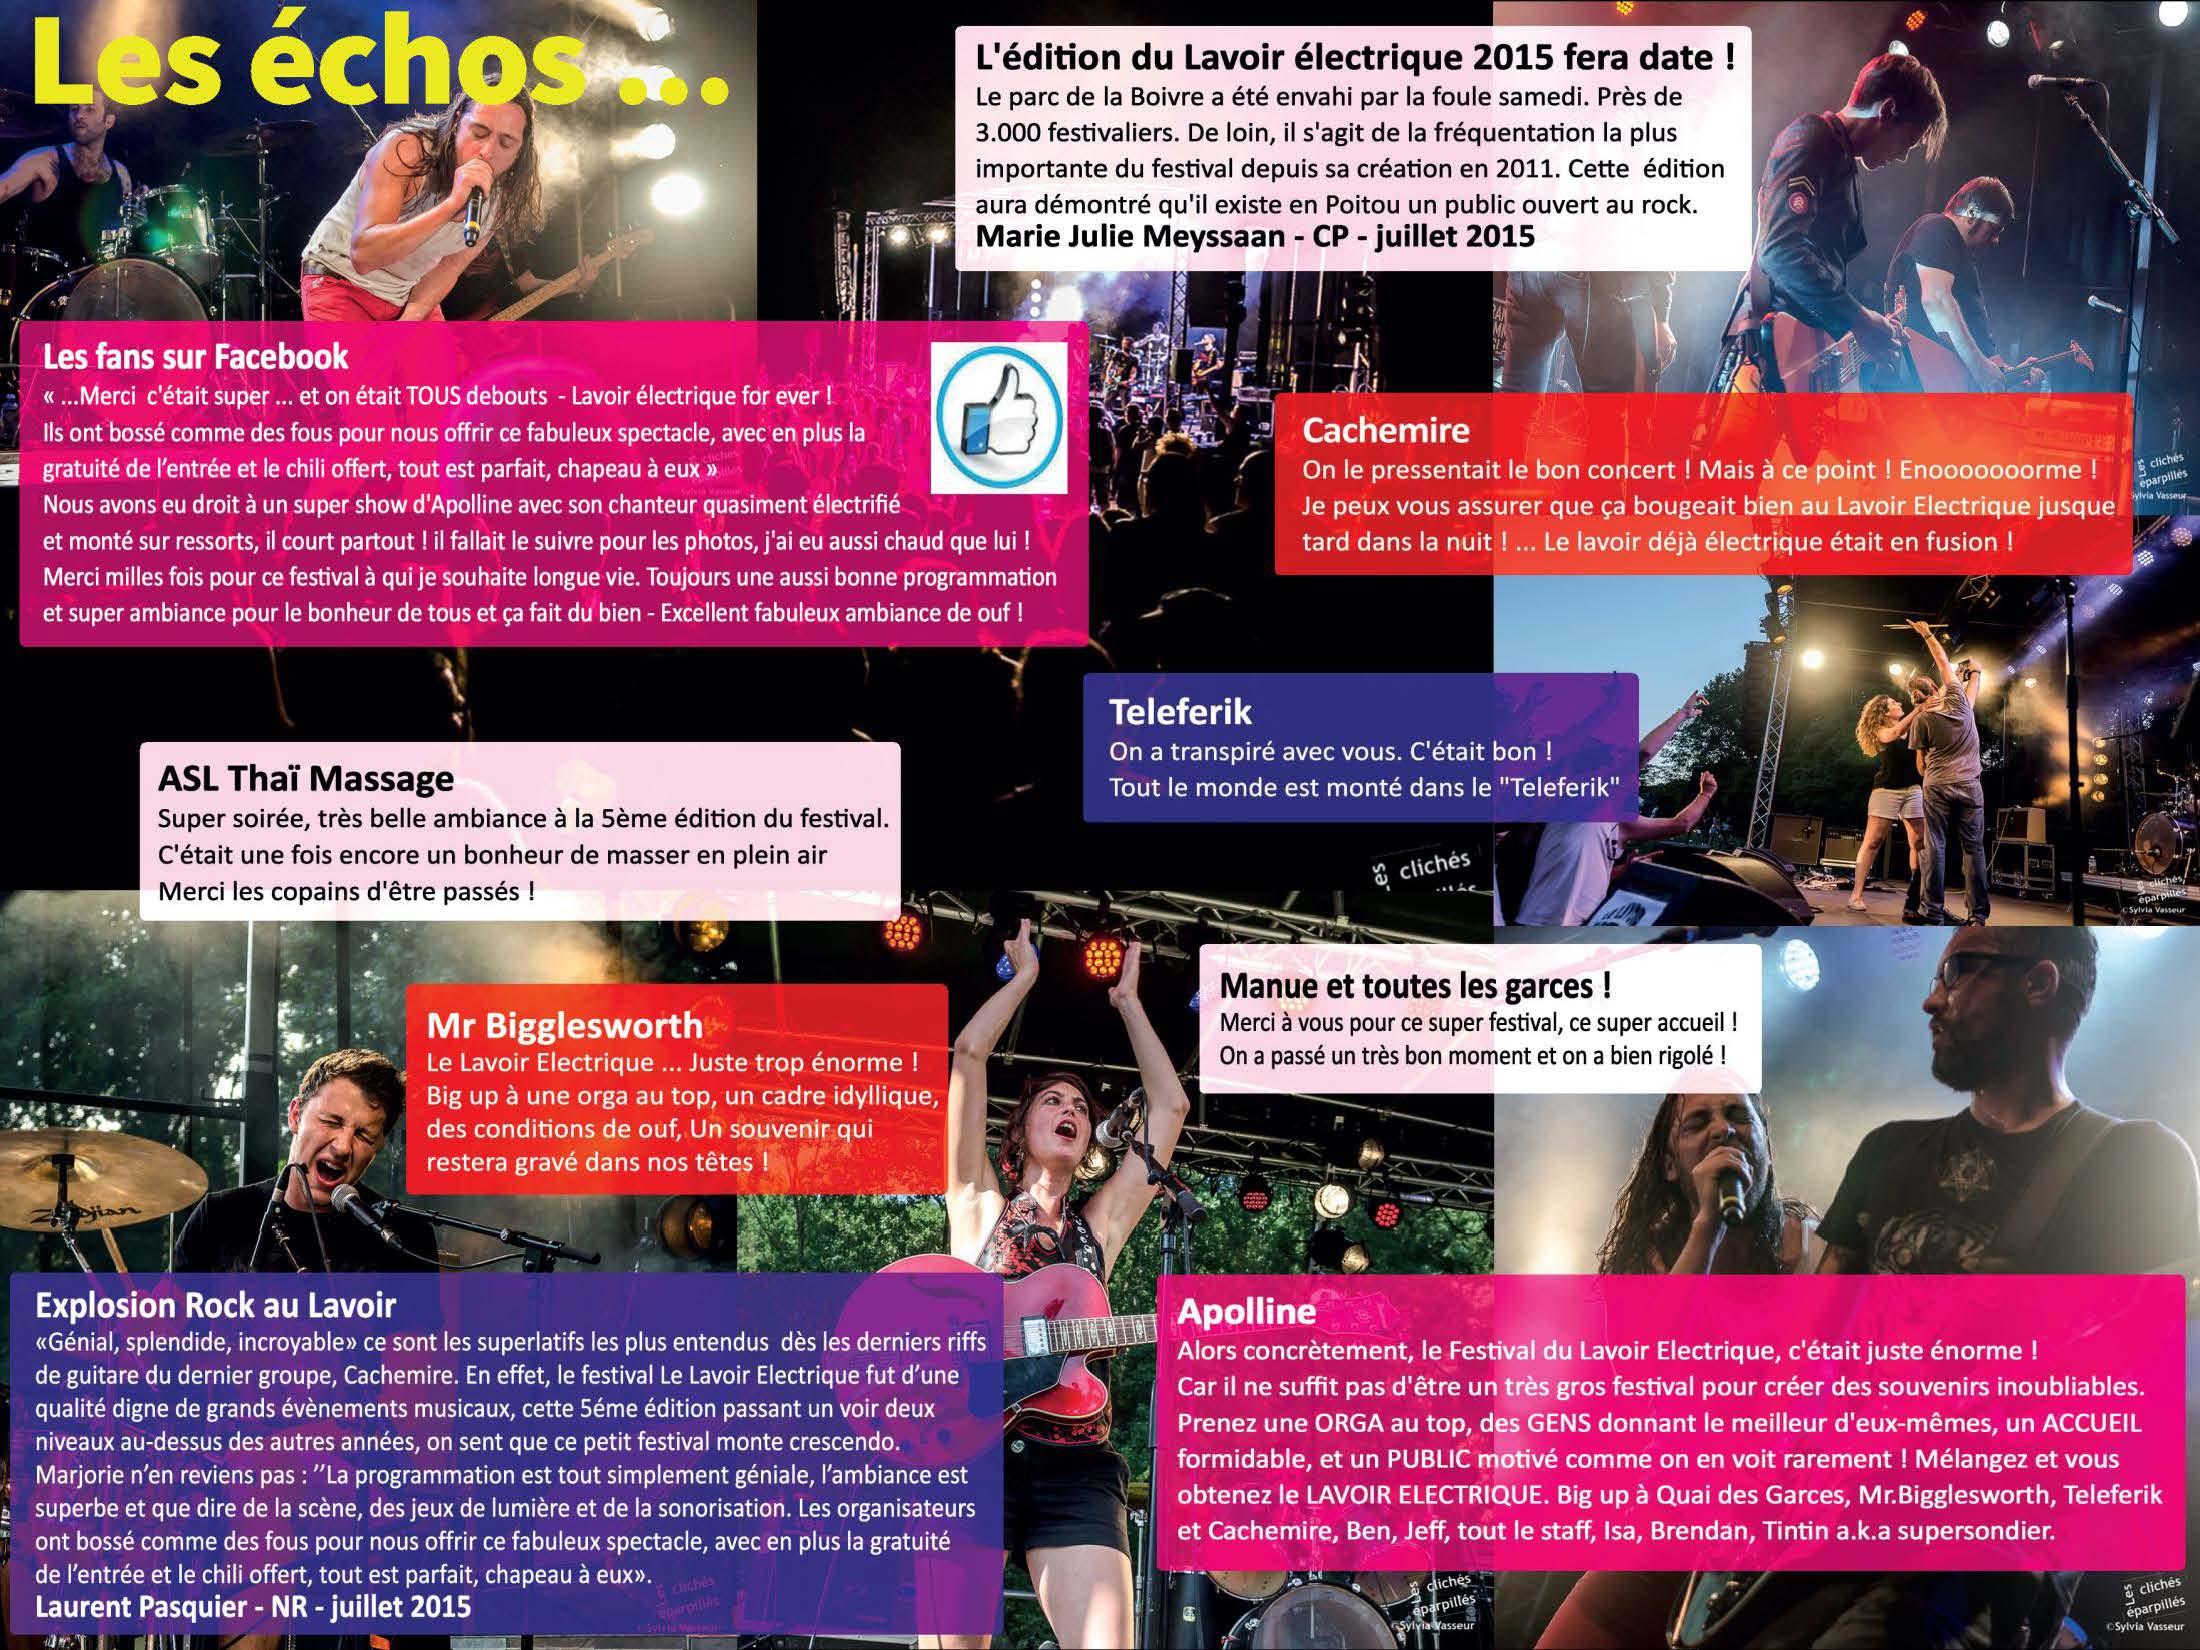 Echos 2015